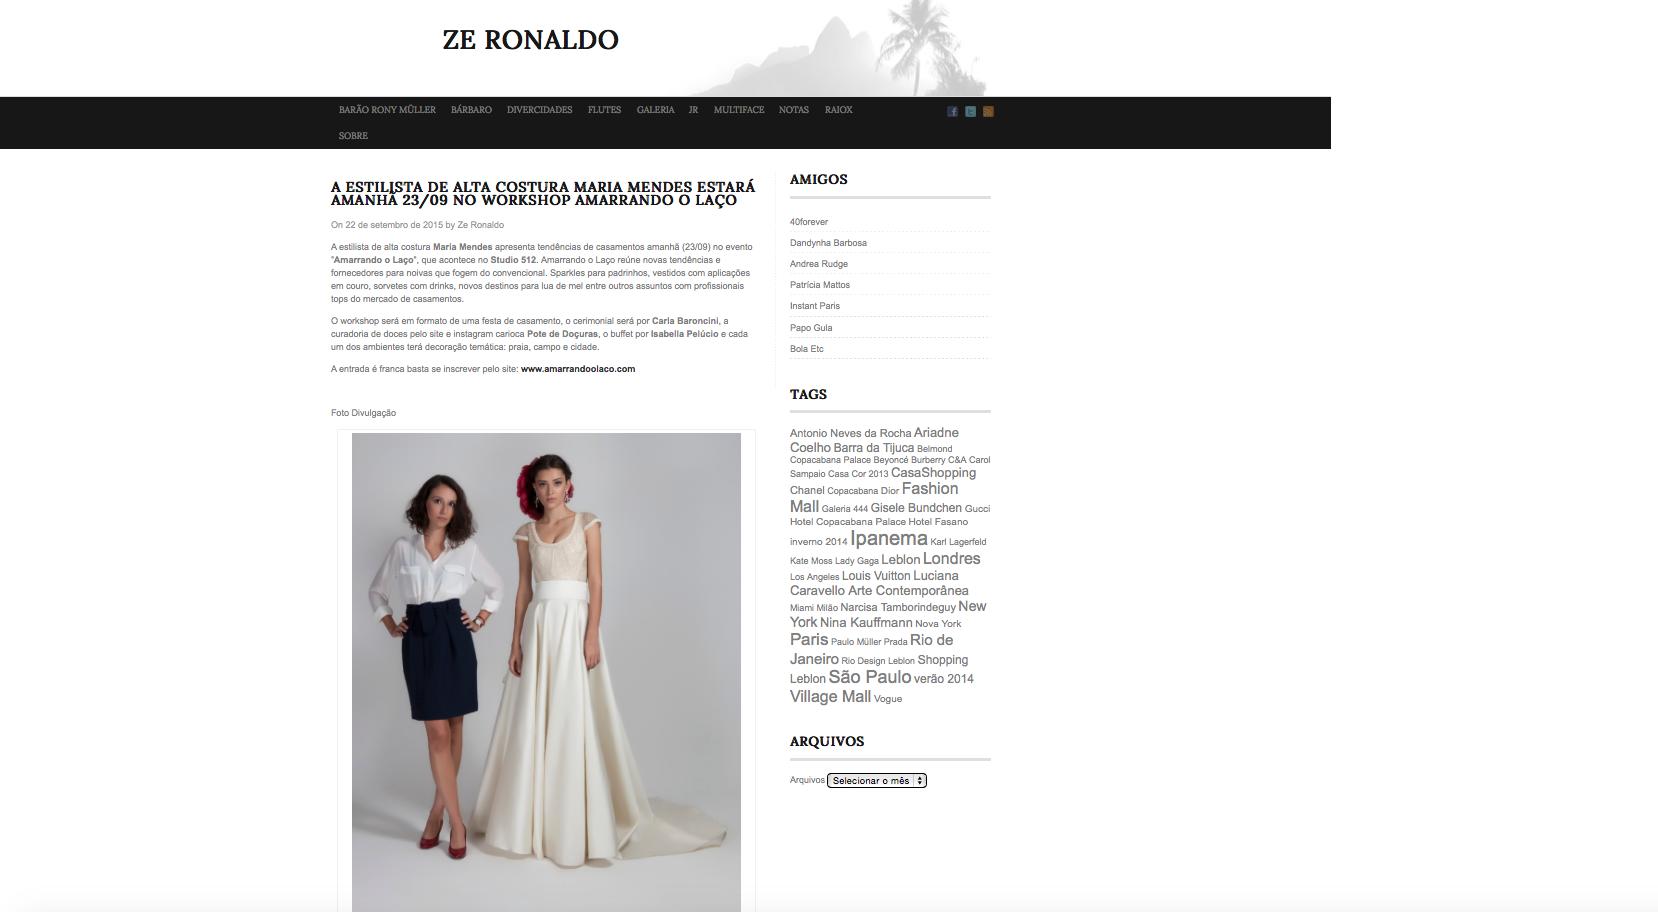 """22/09 - Site """"Ze Ronaldo"""""""